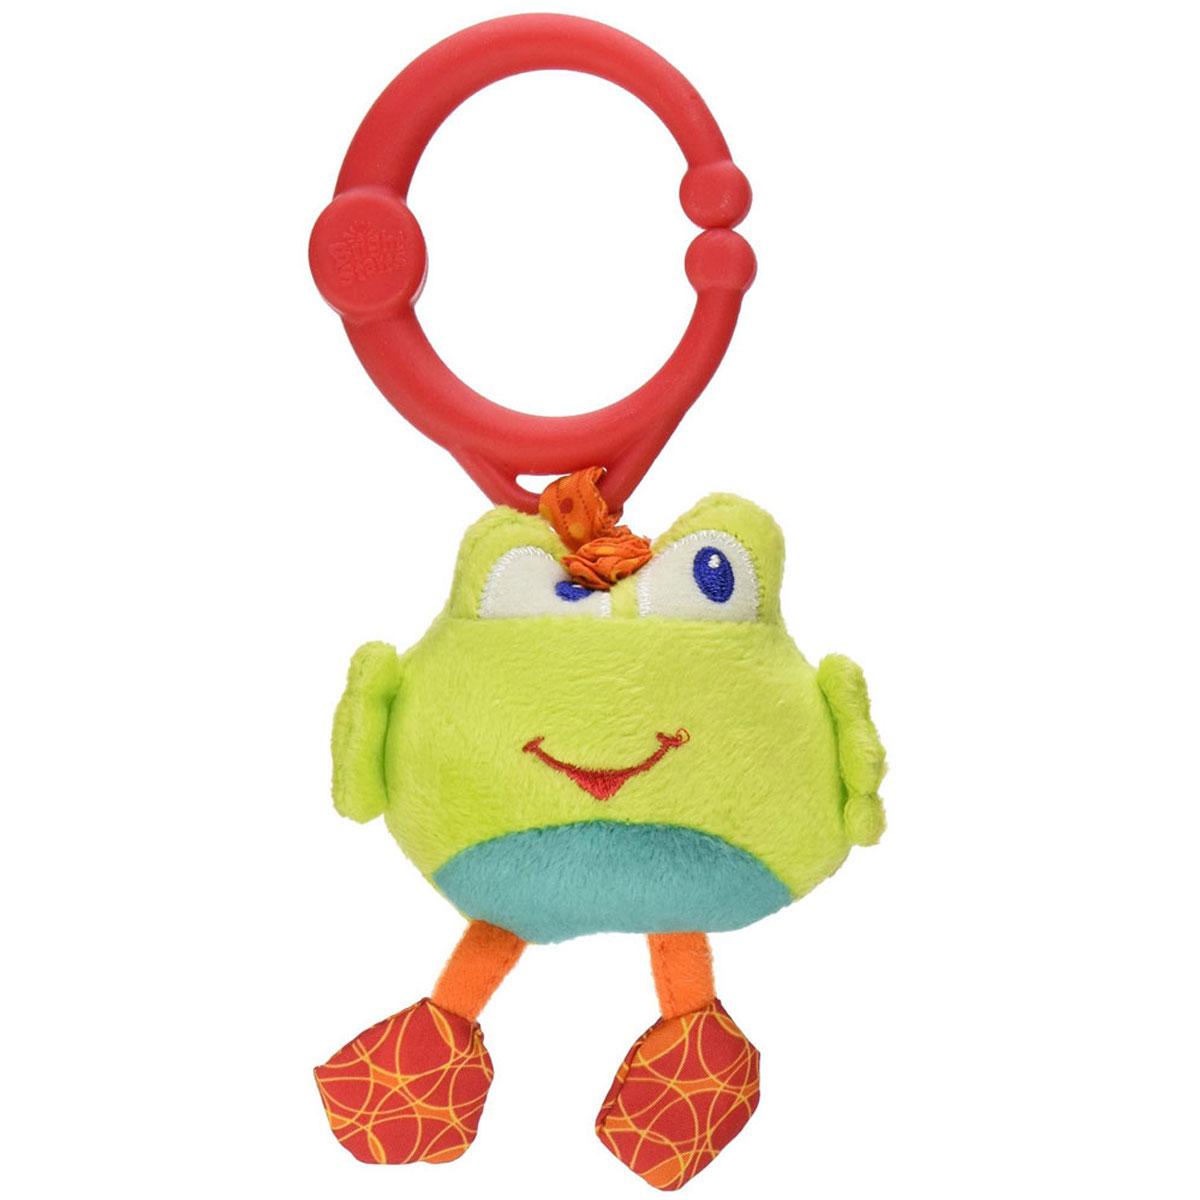 Bright Starts Мягкая развивающая игрушка-подвеска Дрожащий дружок: Лягушка игрушка подвеска bright starts развивающая игрушка щенок